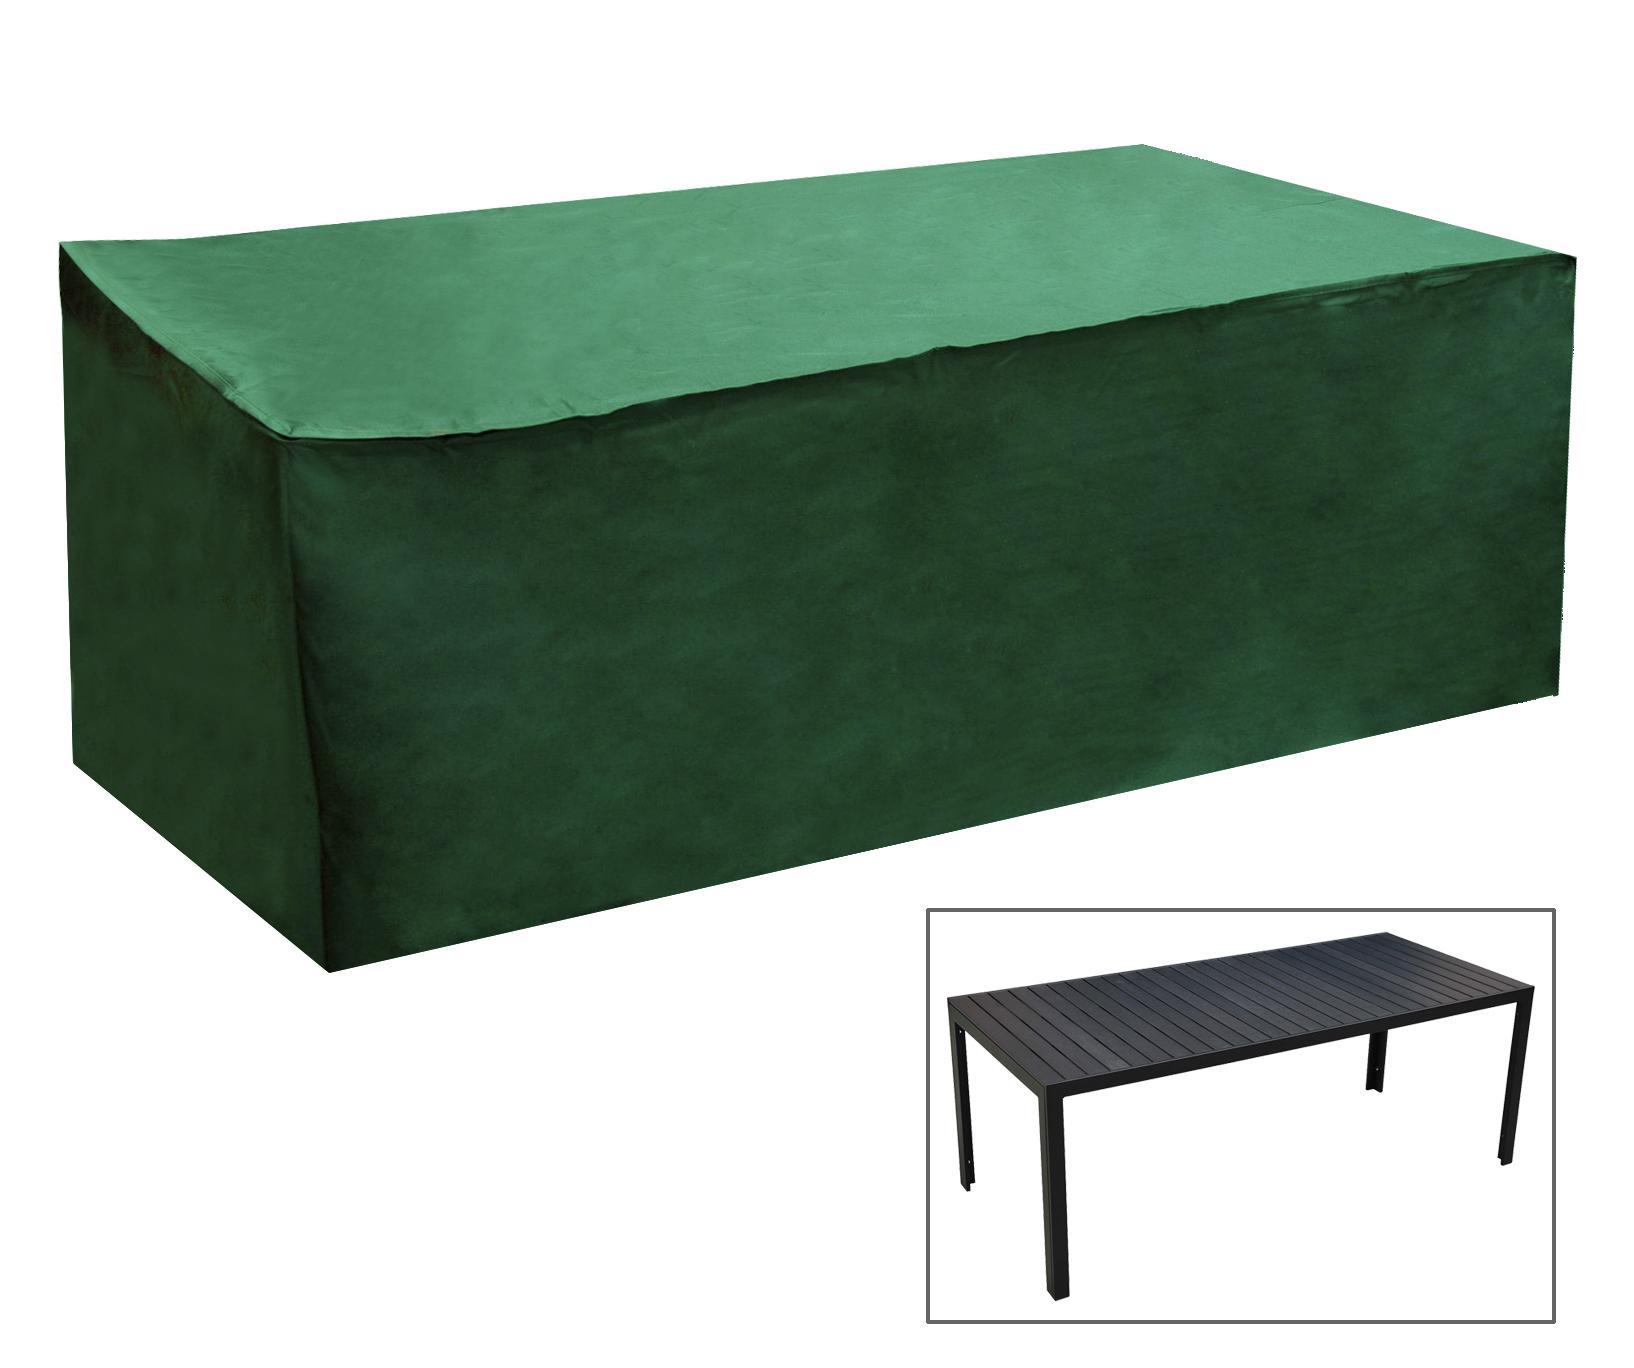 Housse de protection pour Parasol Banc de jardin Table de jardin f151